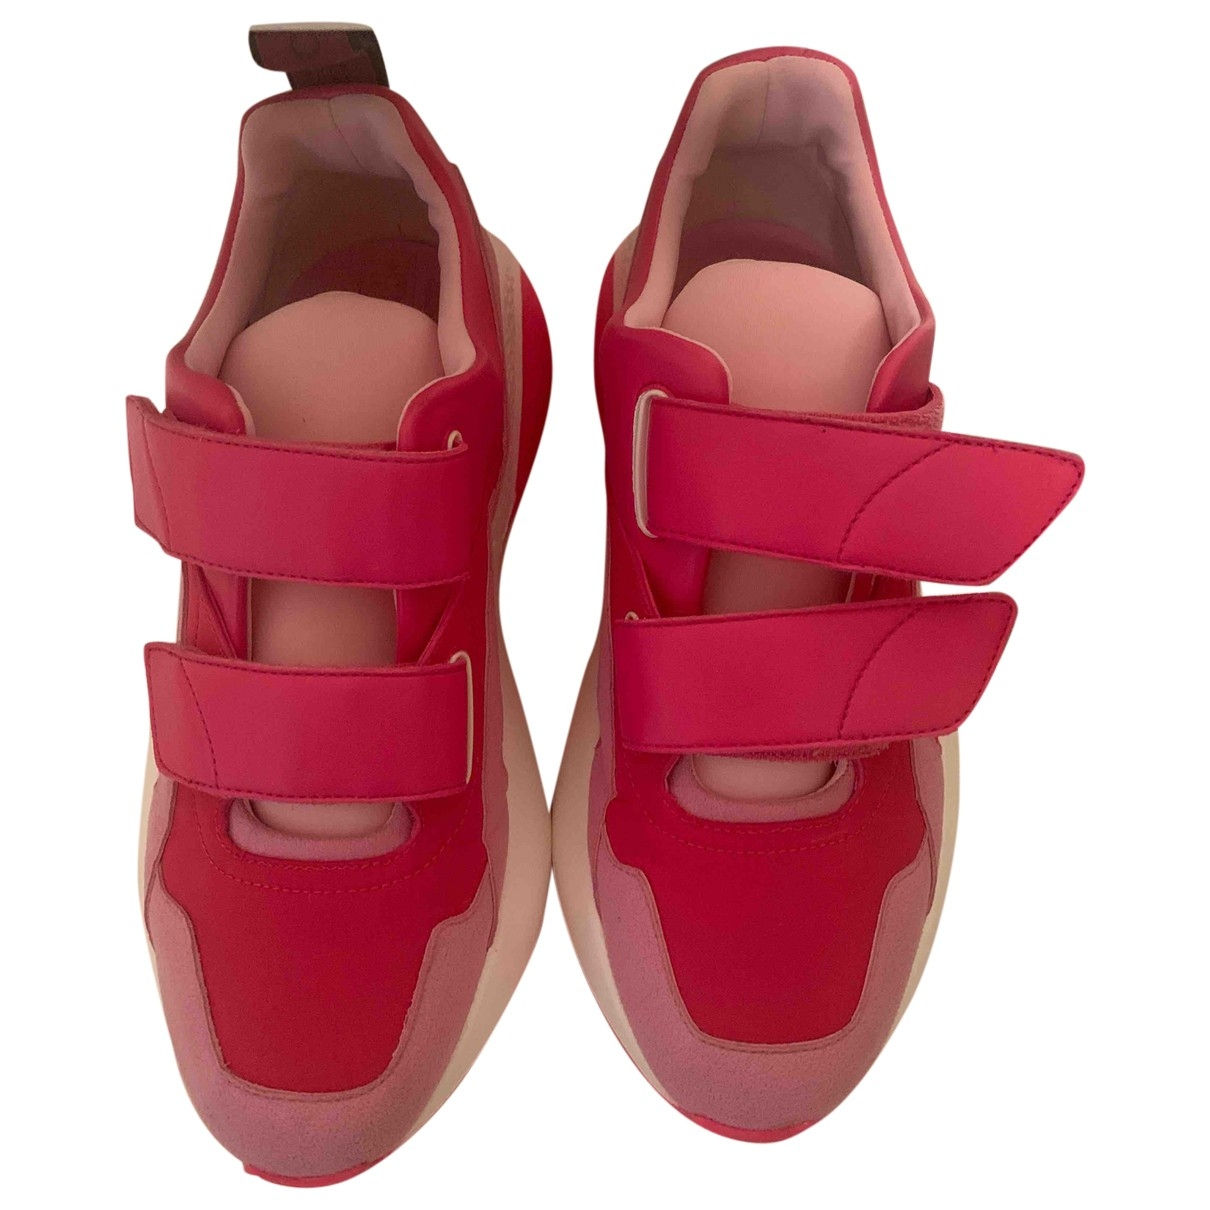 Stella Mccartney - Baskets Eclypse pour femme en caoutchouc - rose